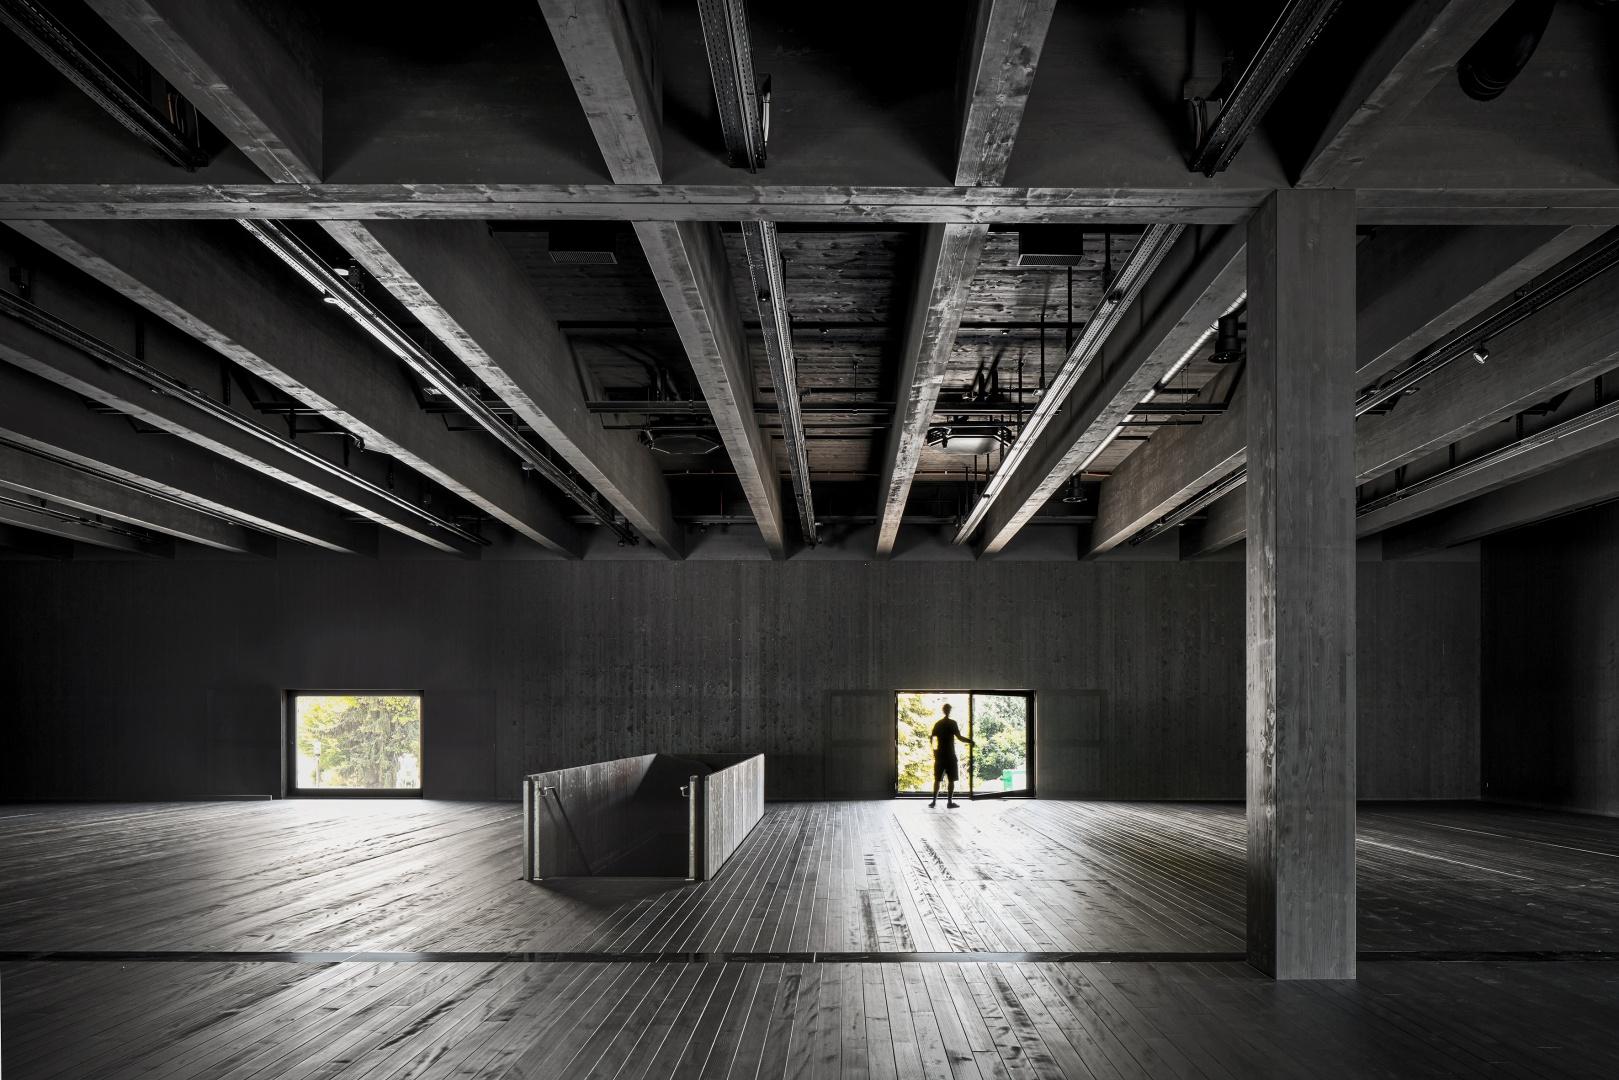 Die räumliche Grundstruktur im Ausstellungsgeschoss (1. OG) ist nahezu stützenfrei. Anthrazitfarbene Tannenriemen spielen mit den gleichfarbenen Wänden  und offenen Balkendecken zusammen. © Ralph Feiner